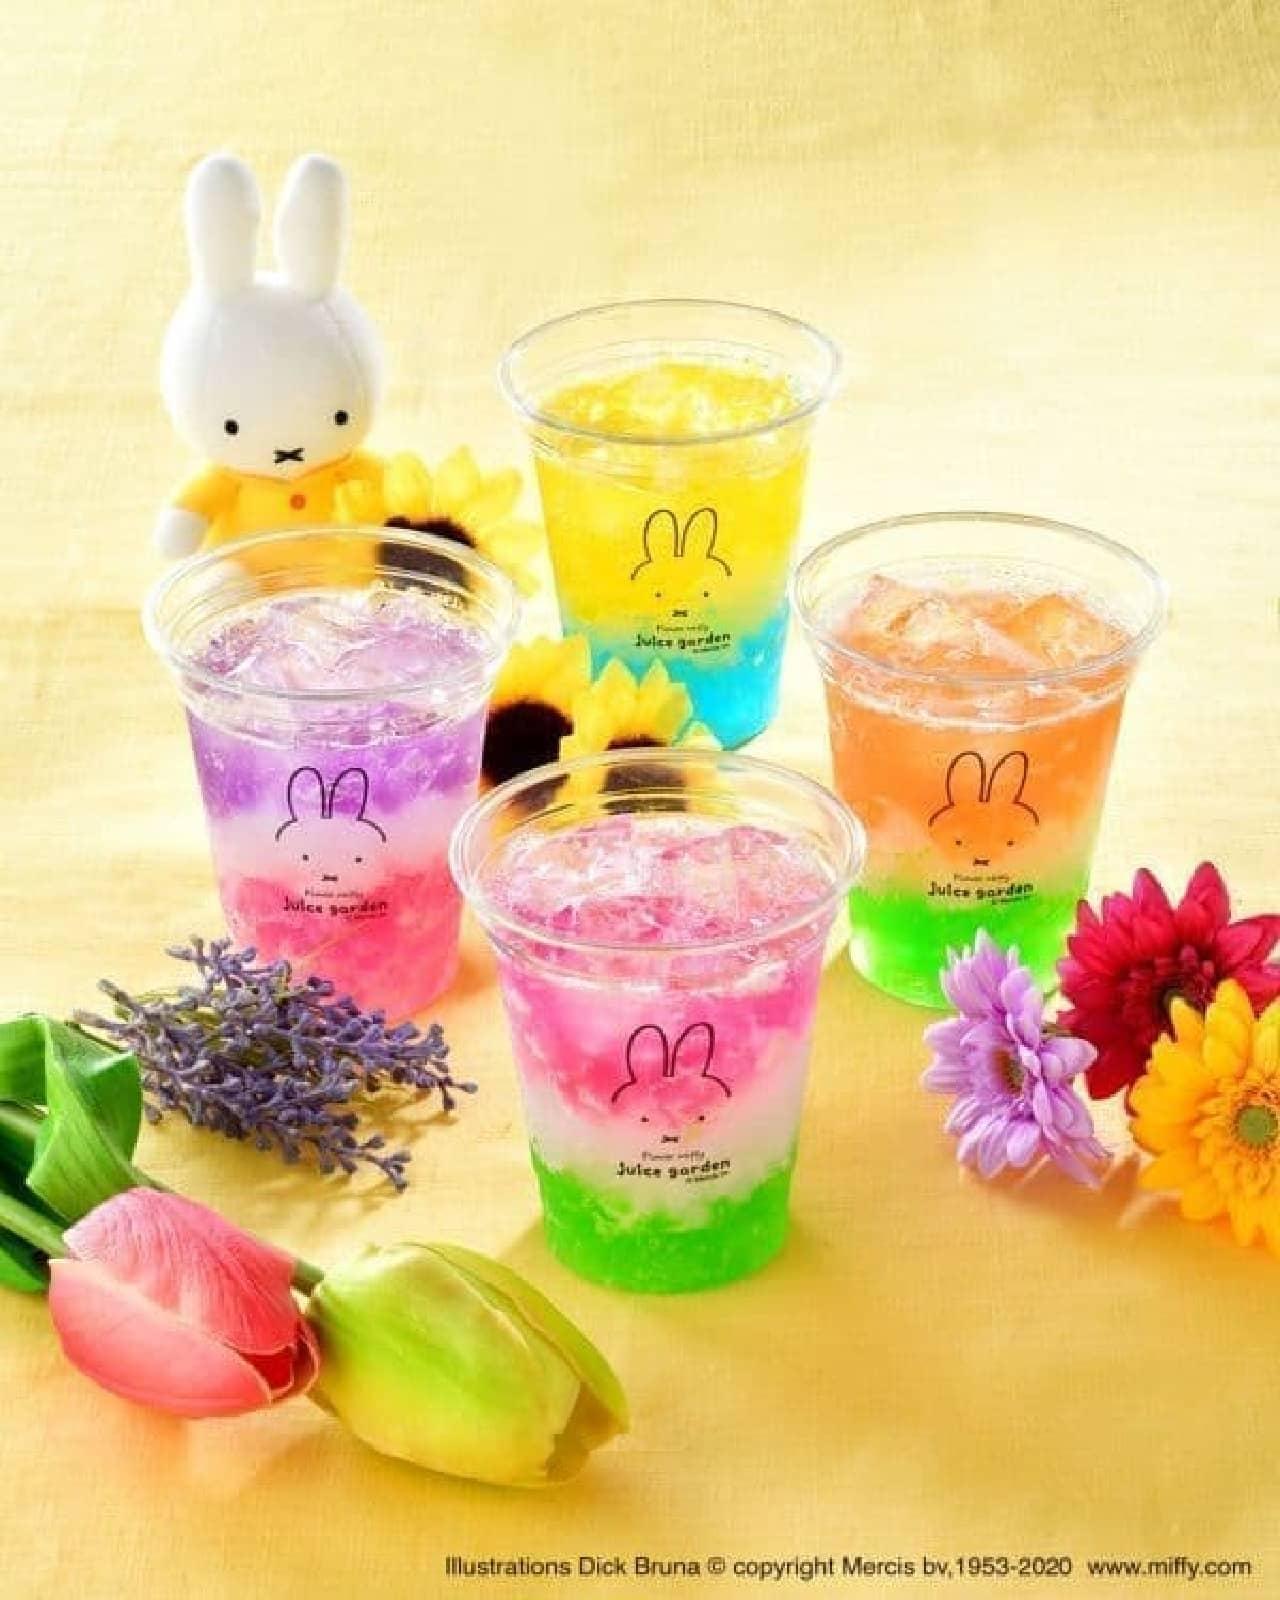 フラワーミッフィー juice garden 浅草店